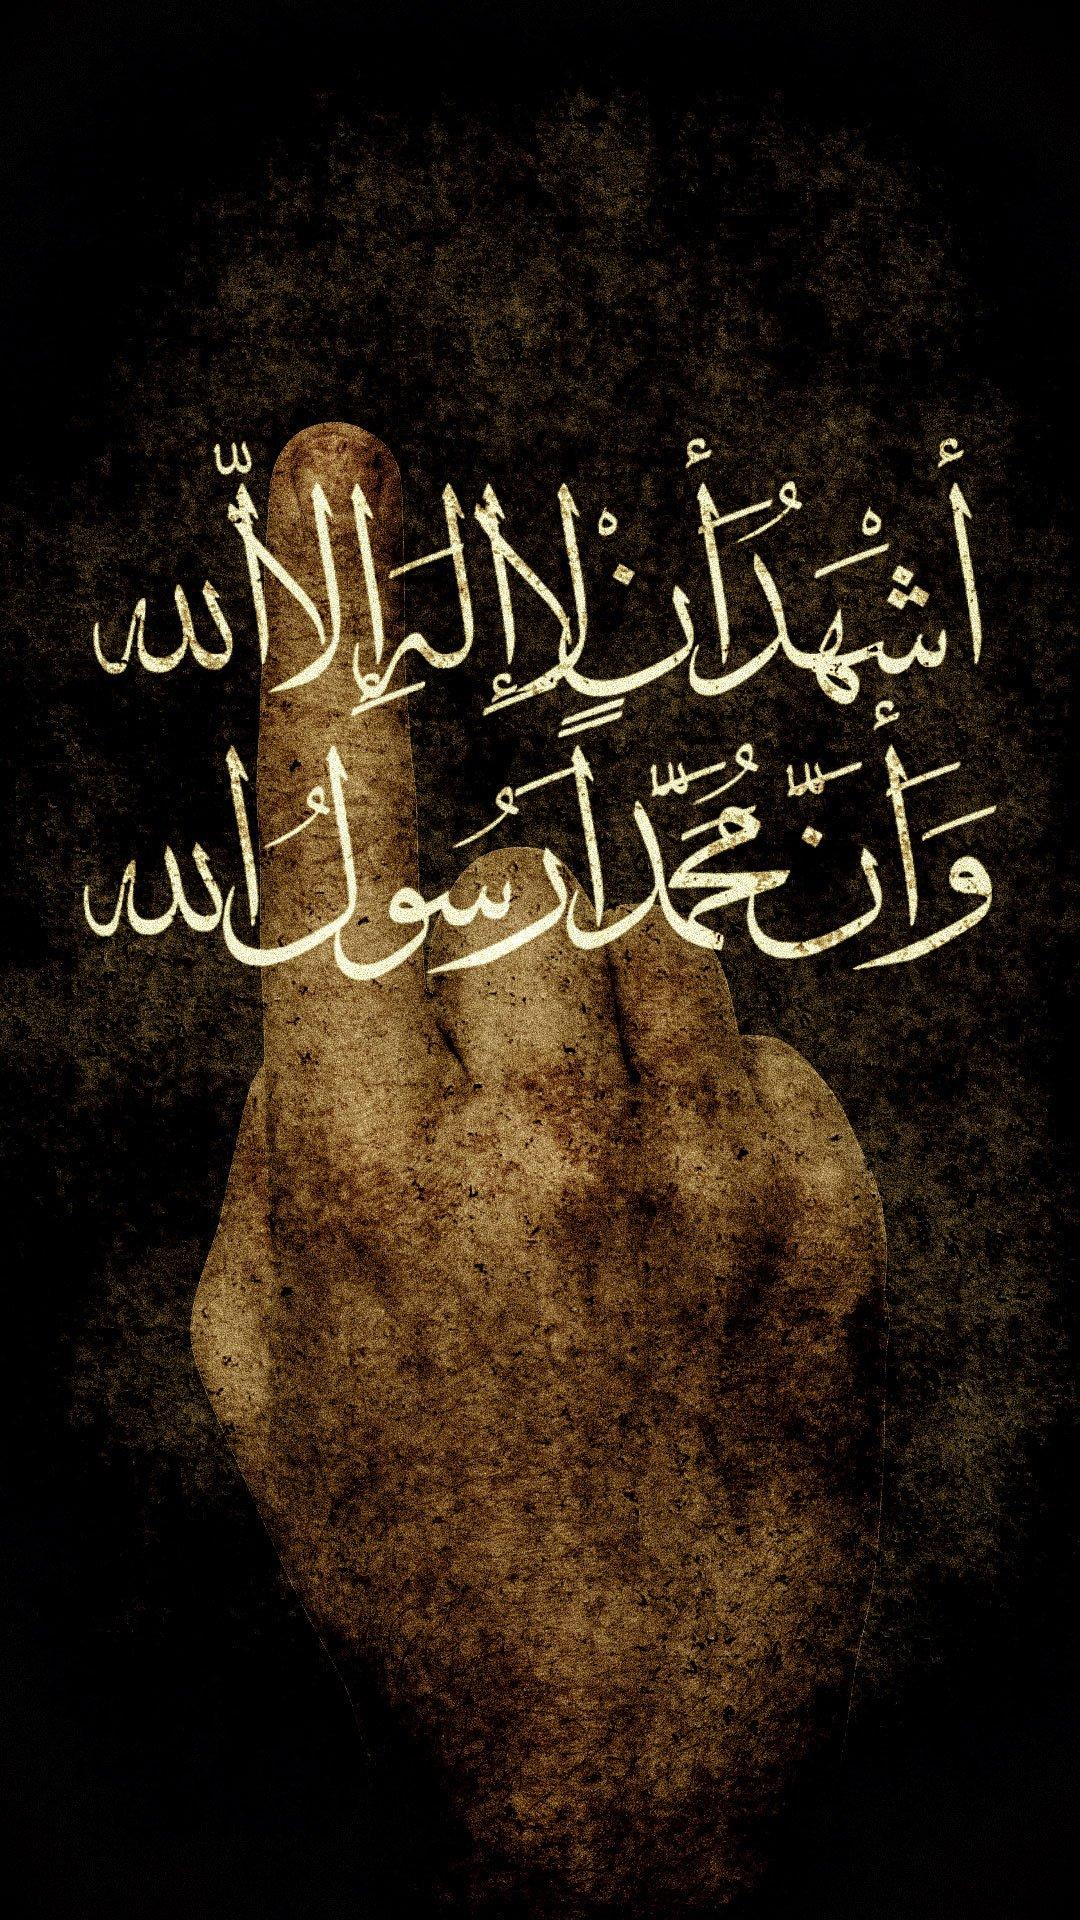 لا اله الا الله سيدنا محمد رسول الله مزخرفه